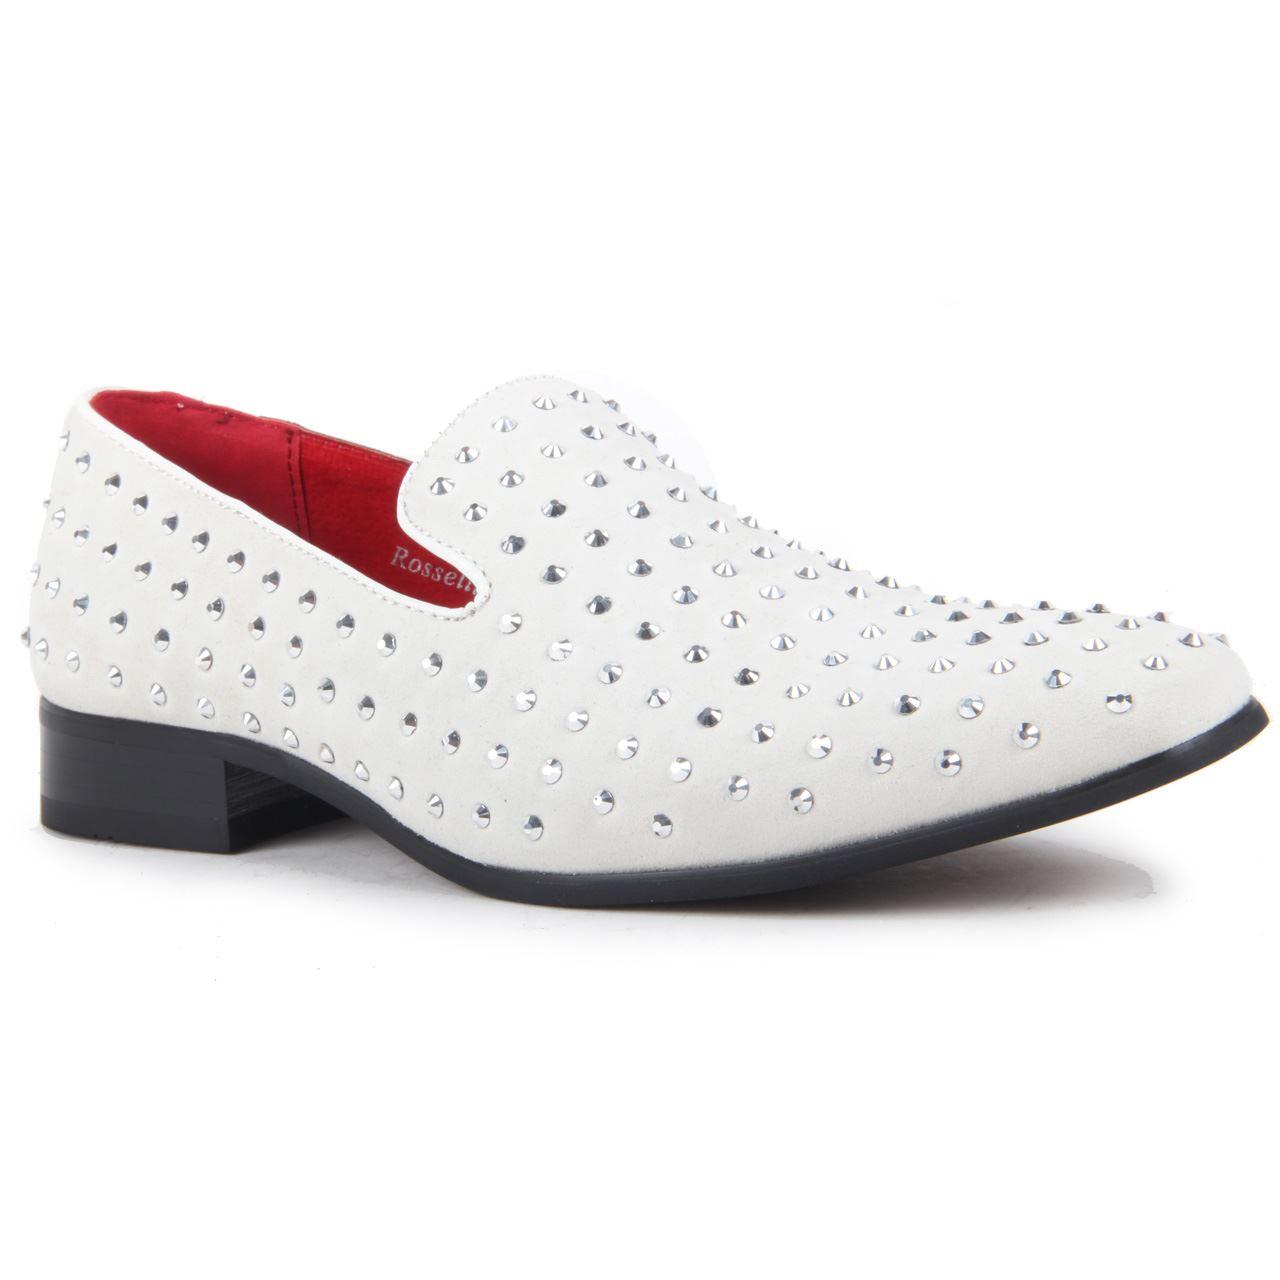 Herren Gentleman Kunstwildleder Kunstwildleder Gentleman ohne Bügel Schuhe mit Nieten Leder gefüttert ec6e69